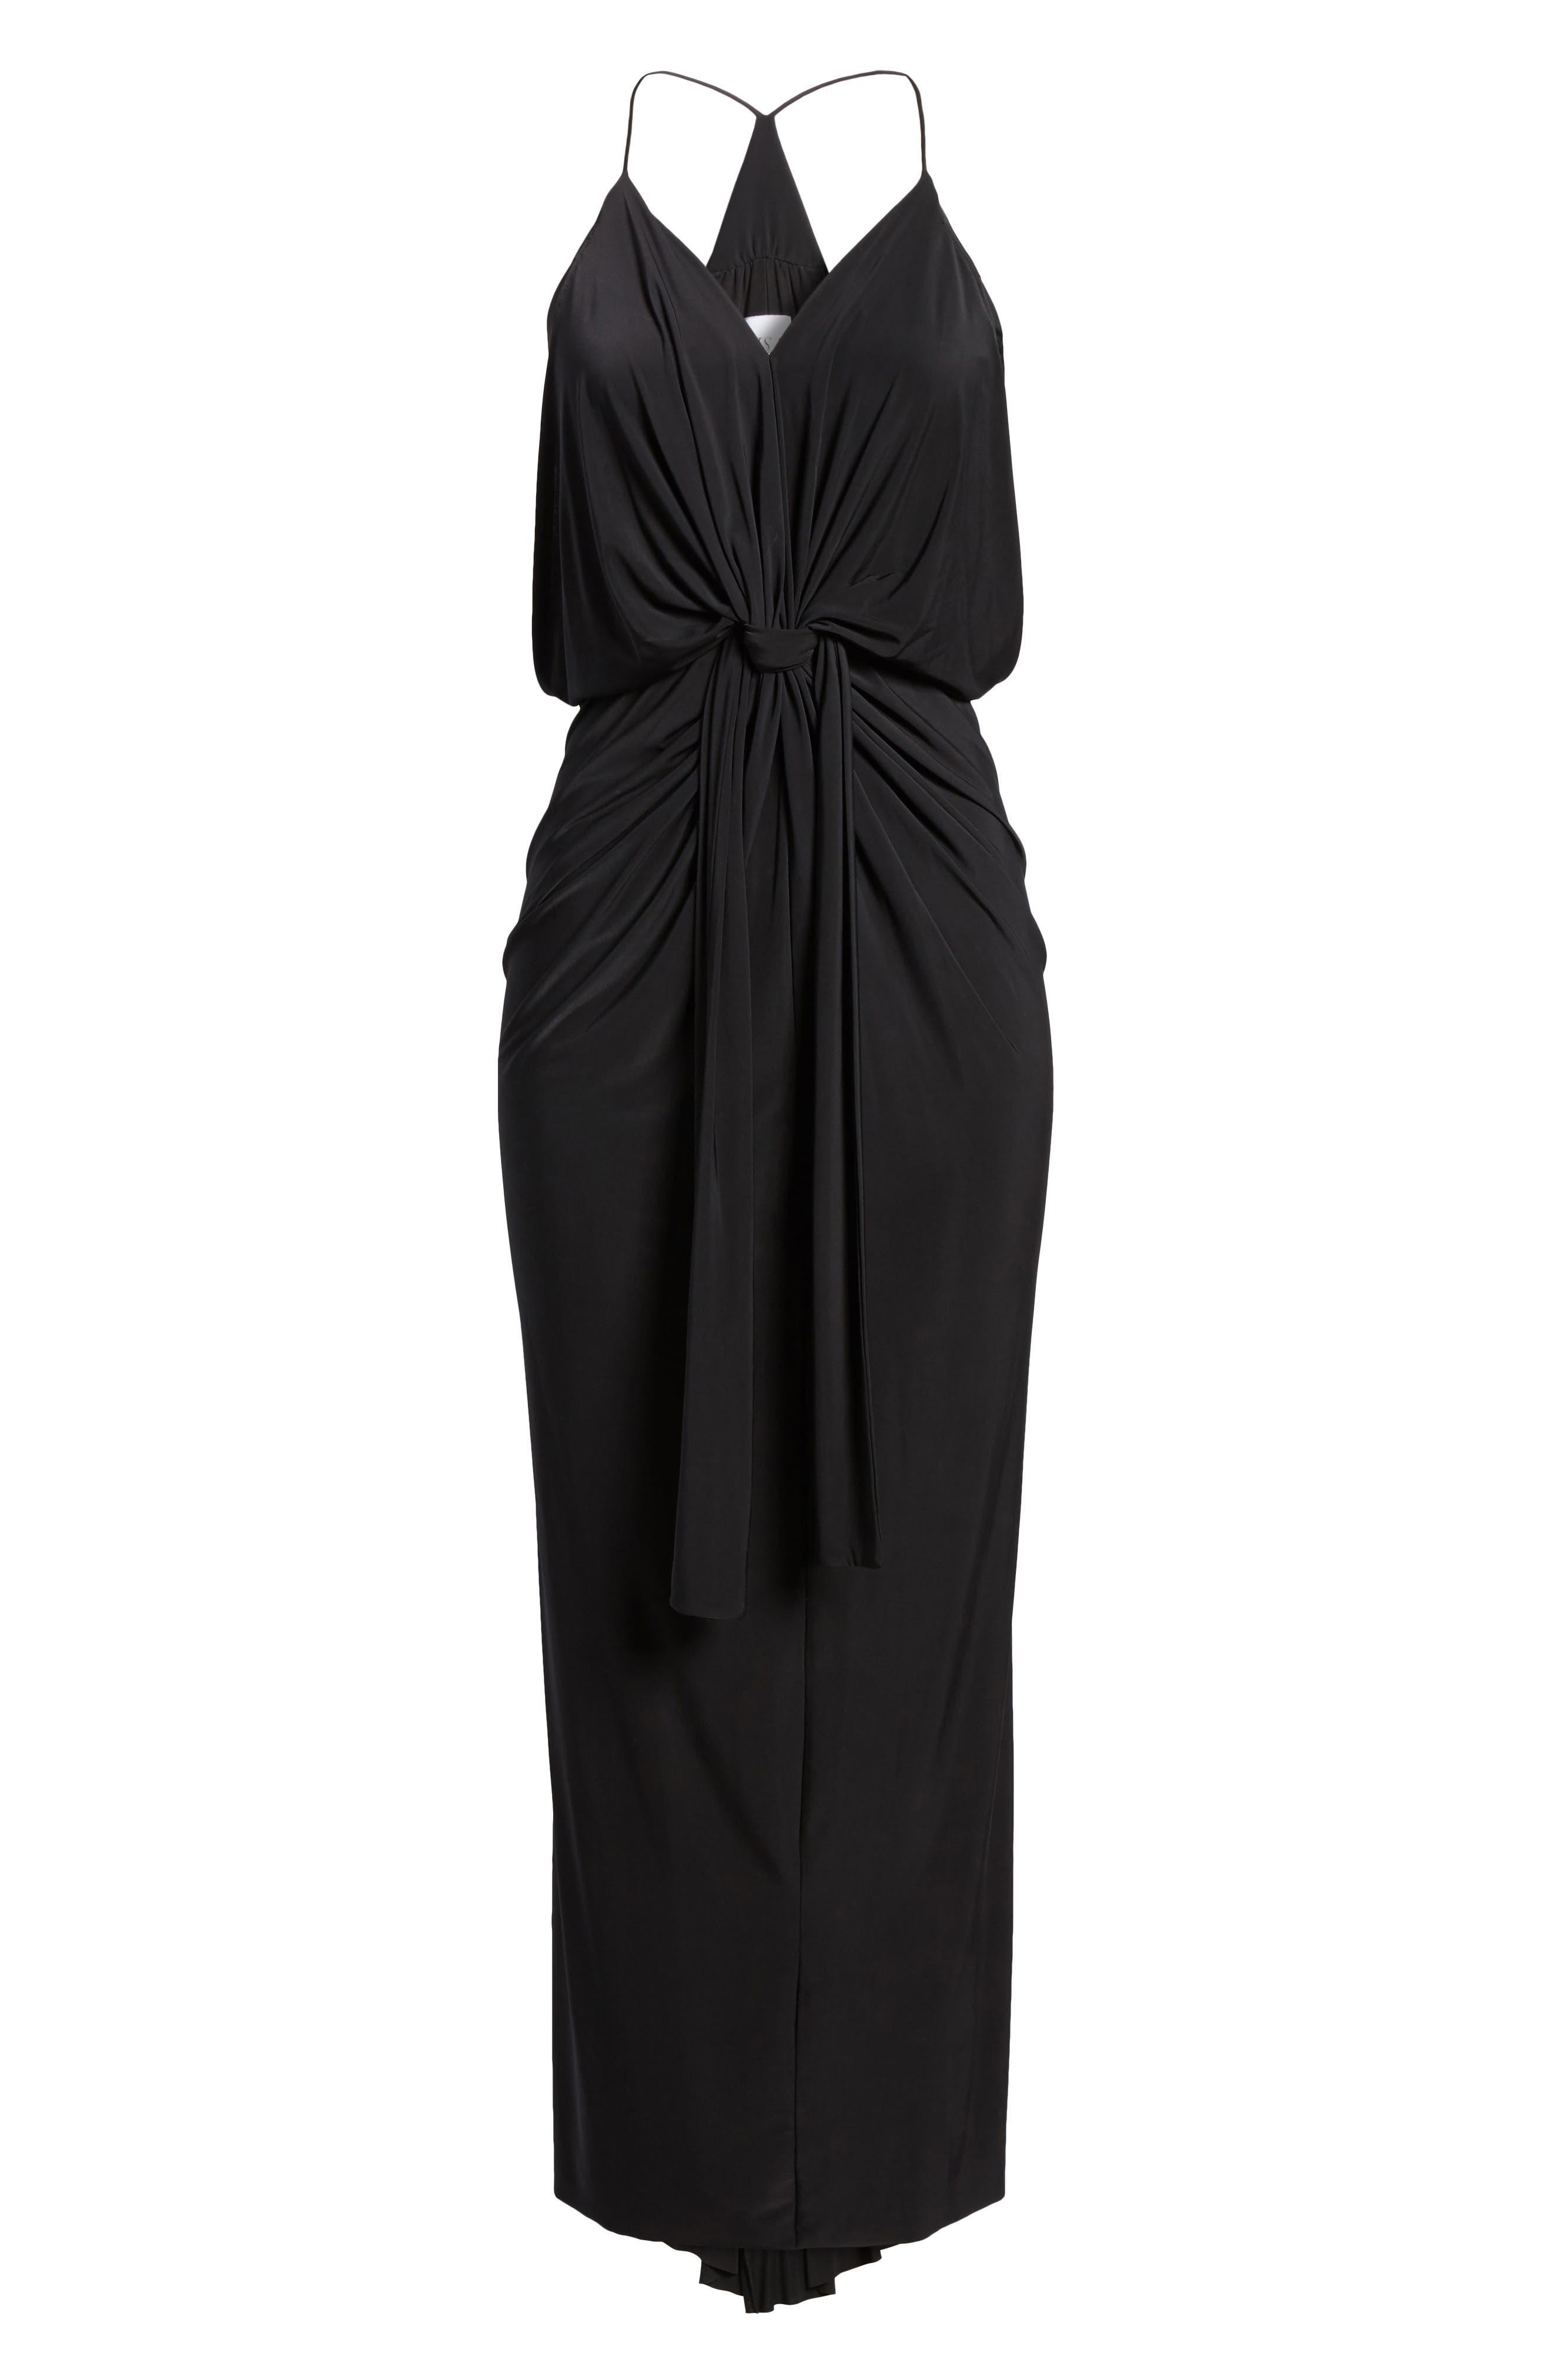 Domino Knot Maxi Dress,                             Alternate thumbnail 7, color,                             BLACK